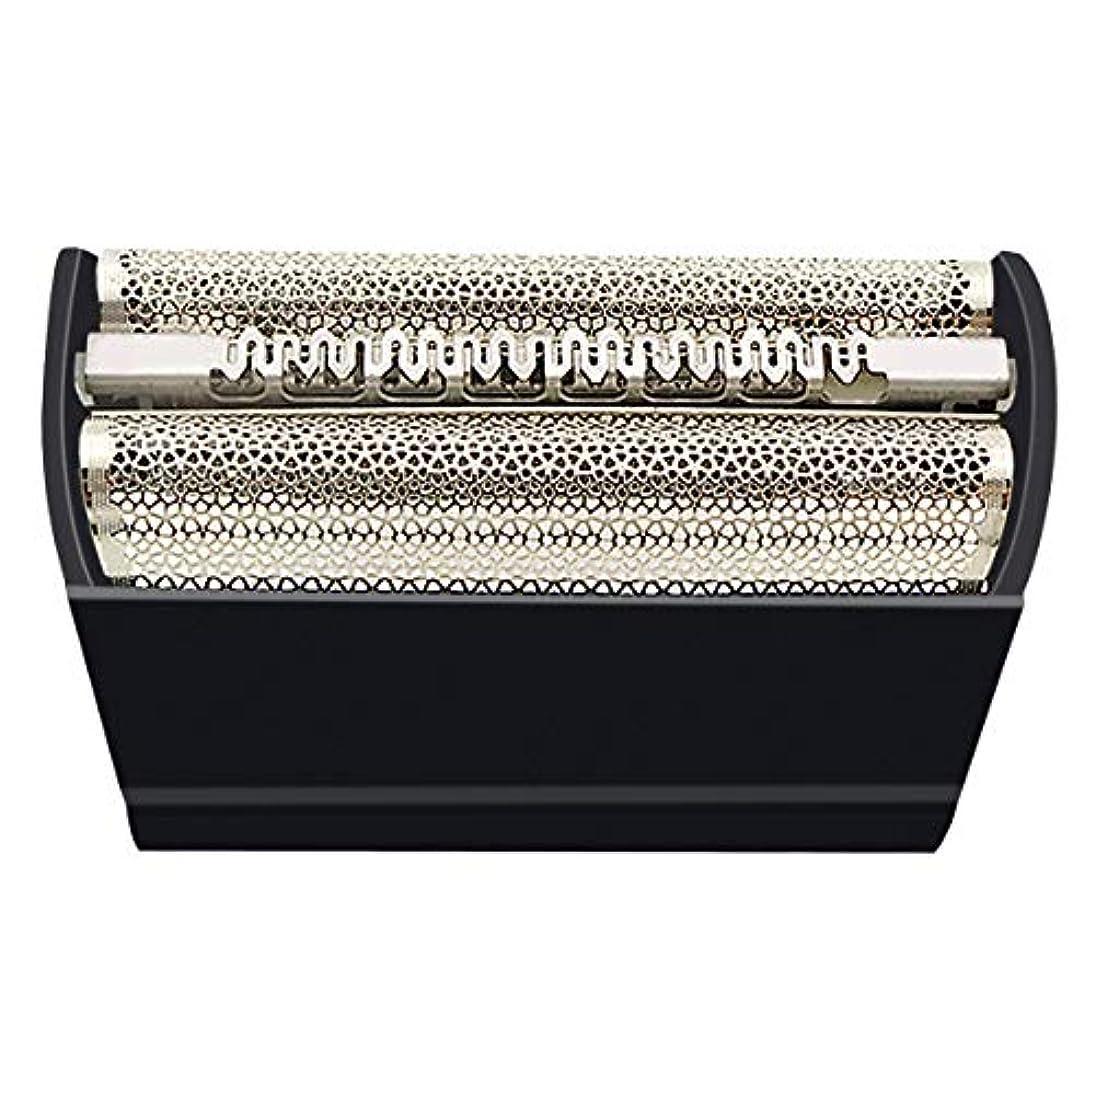 唯一未満爵VINFANYシェーバー替刃 シリーズ3 適用 Braun 31Bシリーズ3 Smart Syncro Proモデル電気シェーバー シリーズ3網刃?内刃一体型カセット 交換用ホイル (31B (Black))